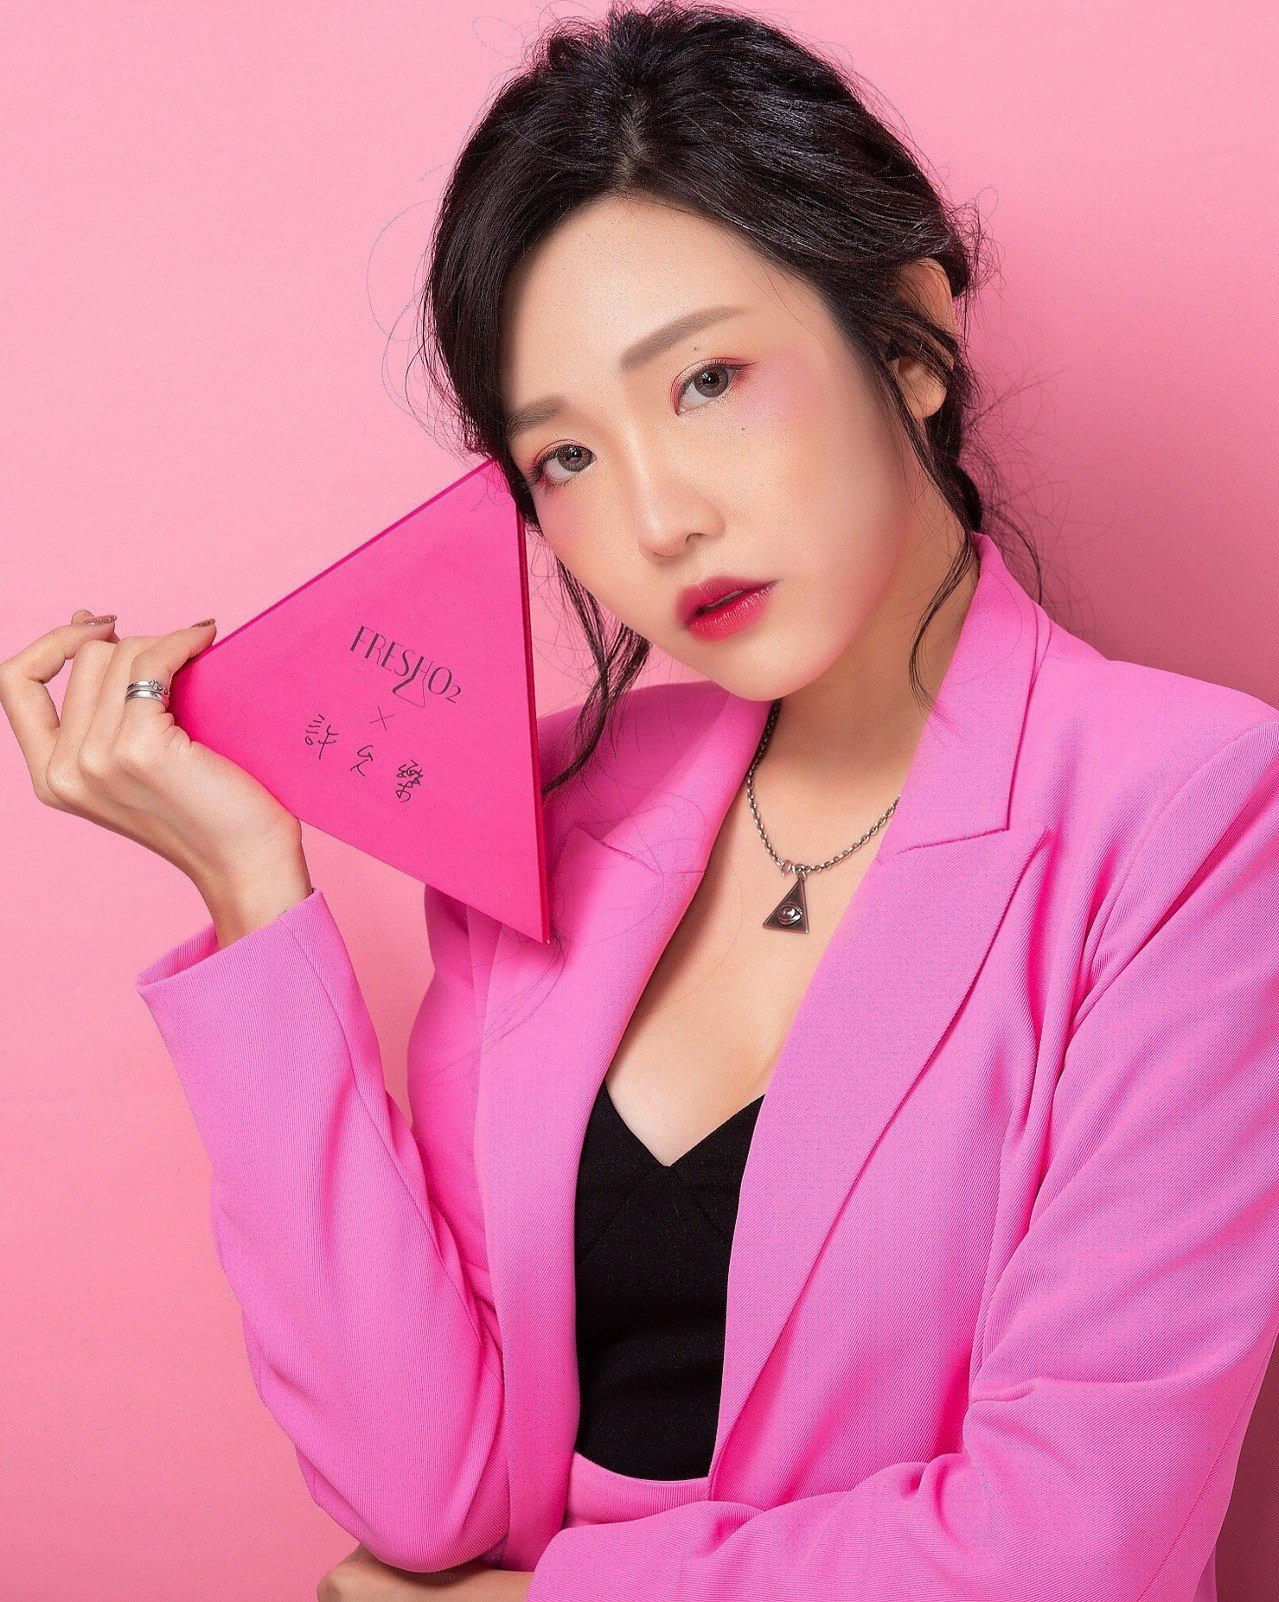 FreshO2 X許允樂「我的獨特角度」聯名系列彩妝盤,高調不失甜美的30°微笑...